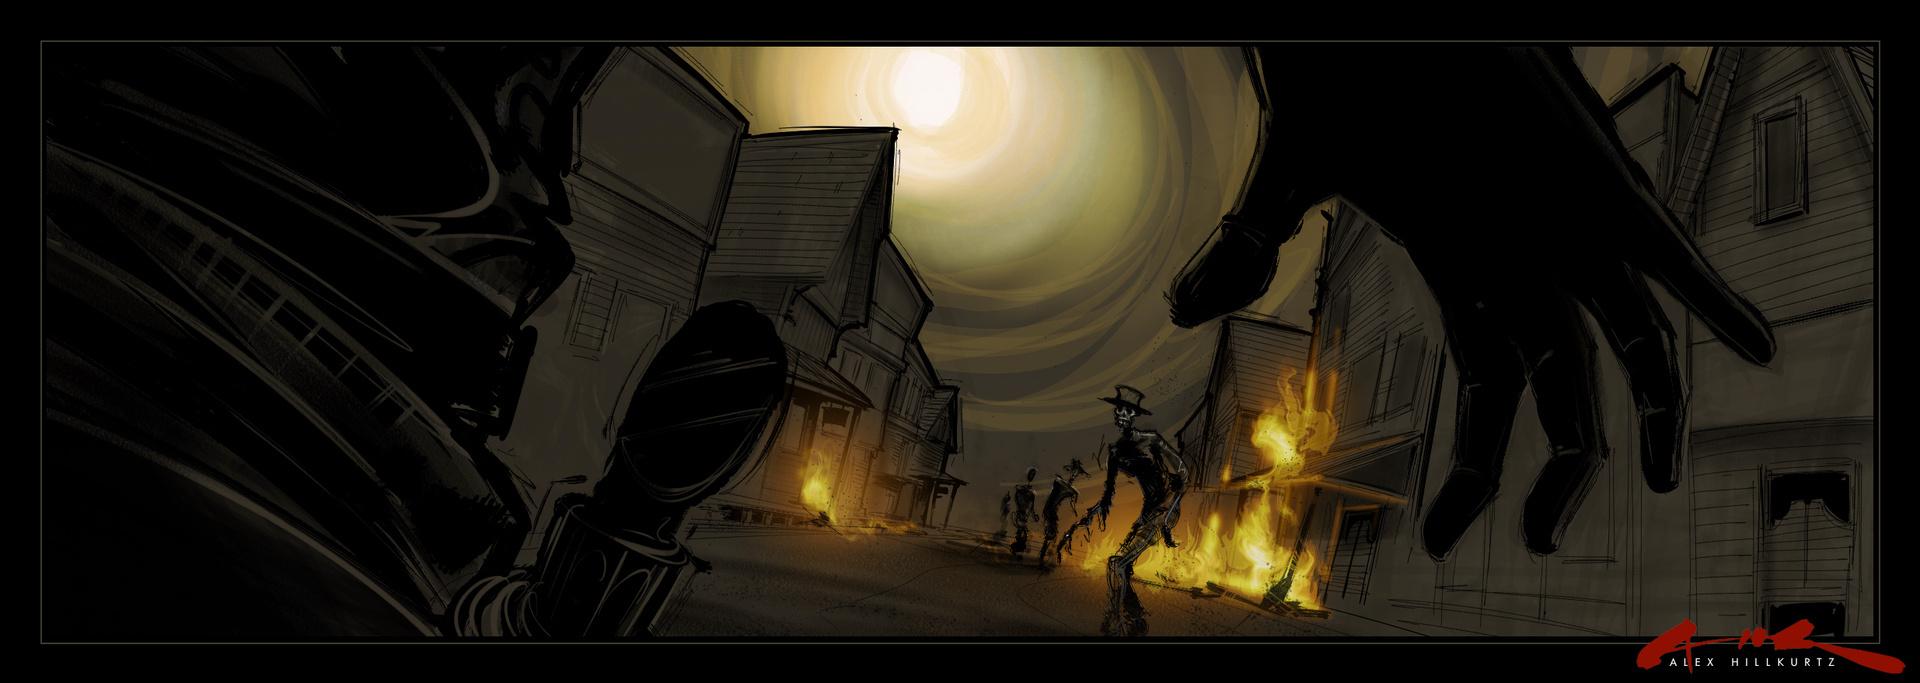 05 devilrides_gunfight copy.jpg